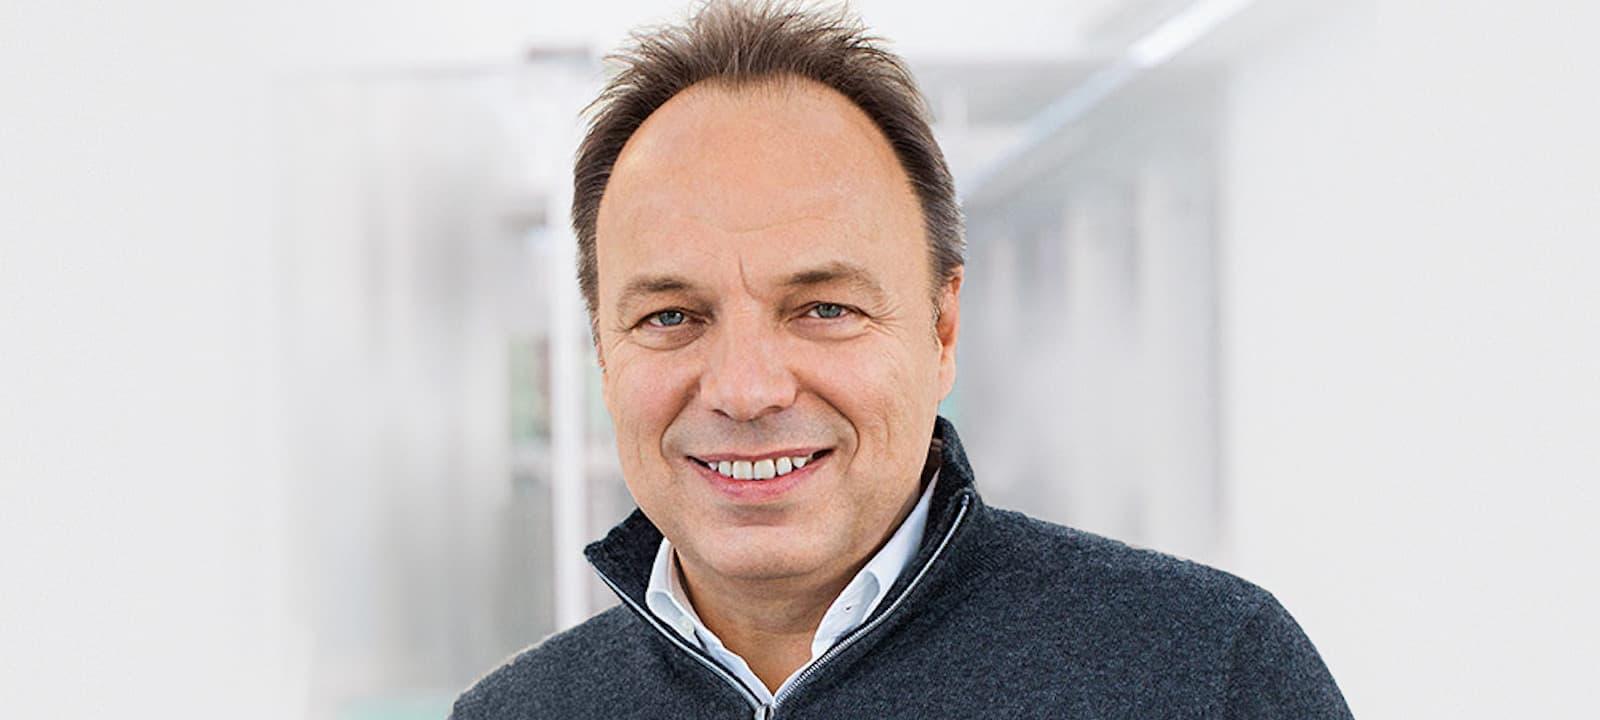 Chris Öhlund